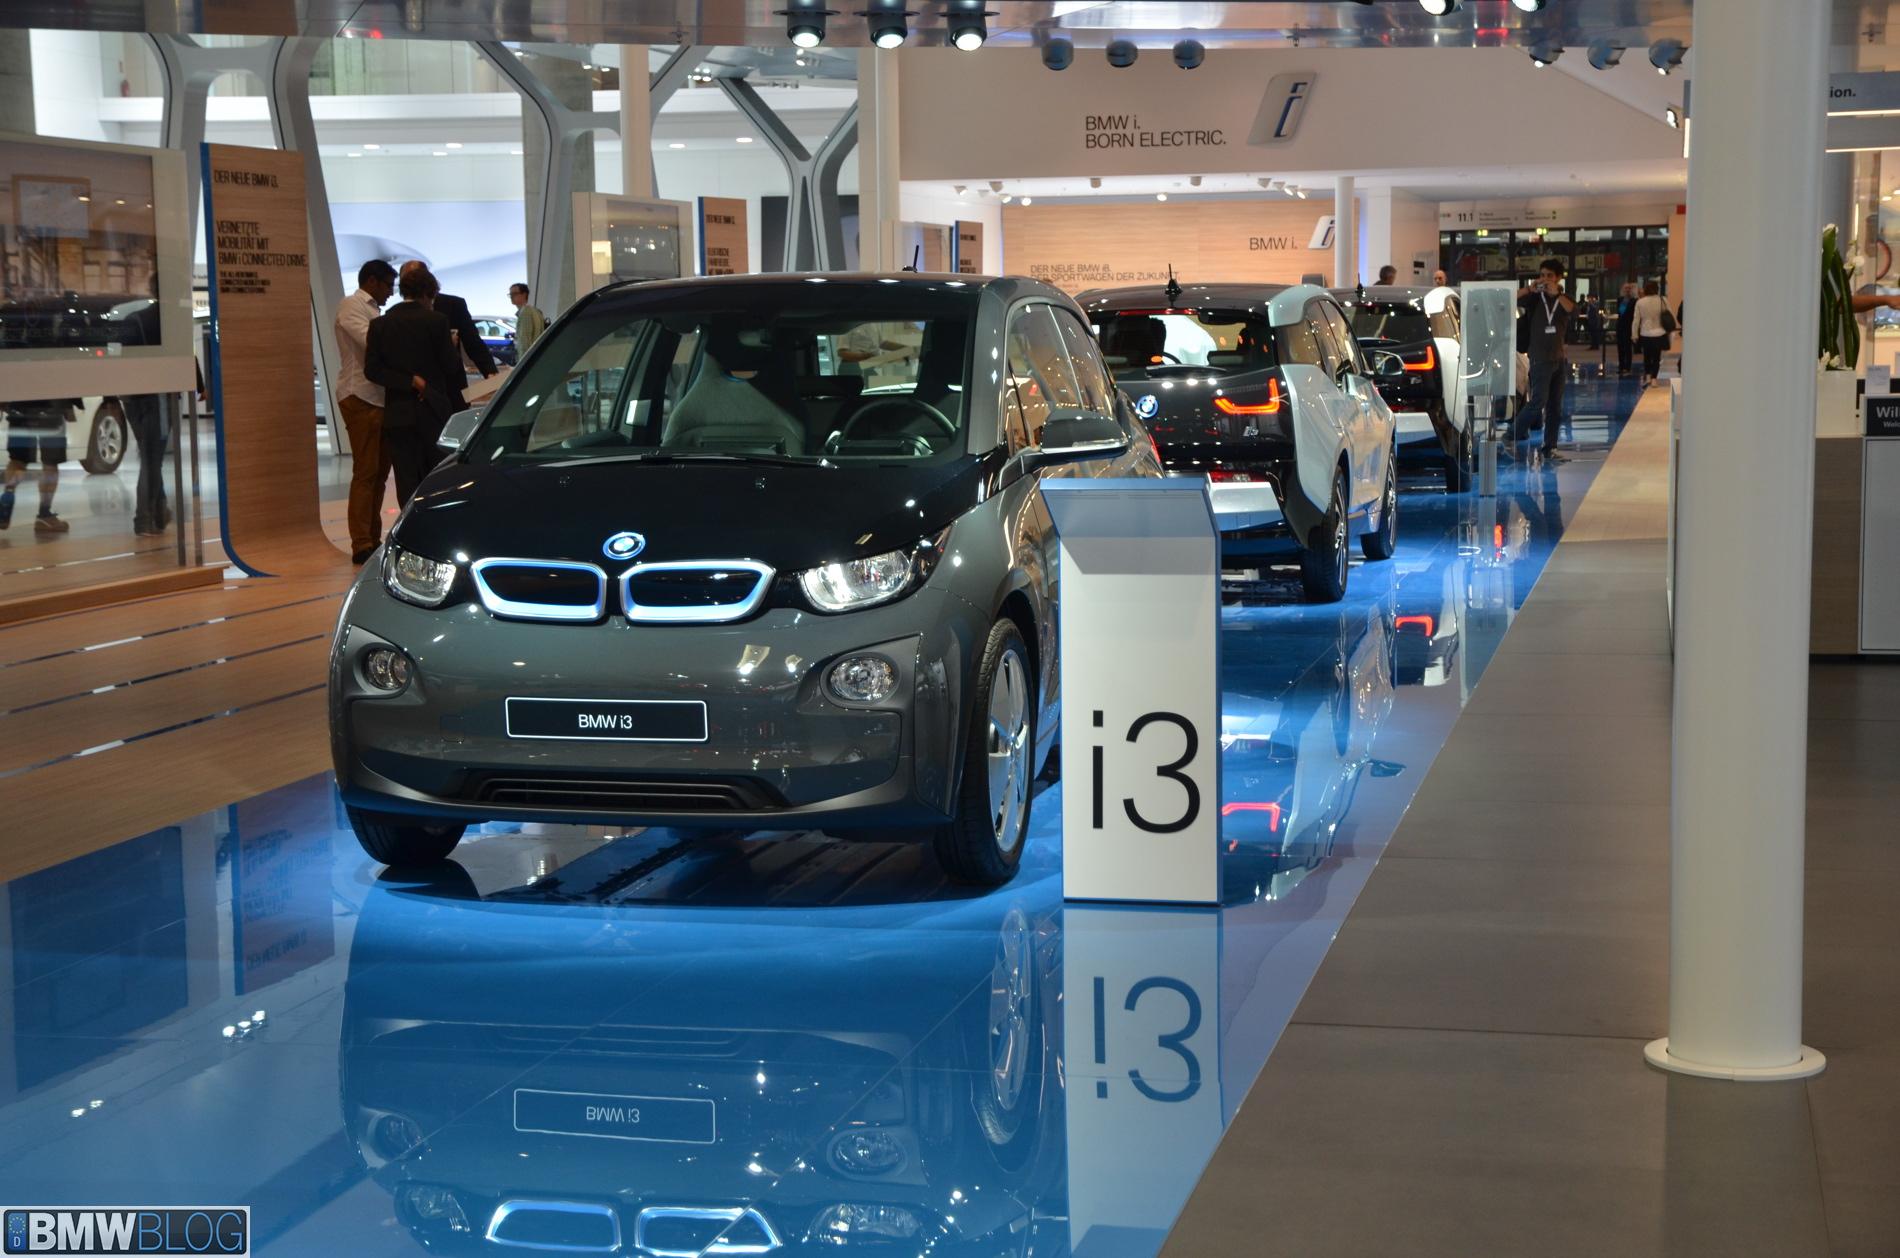 2014 bmw i3 frankfurt auto show 01